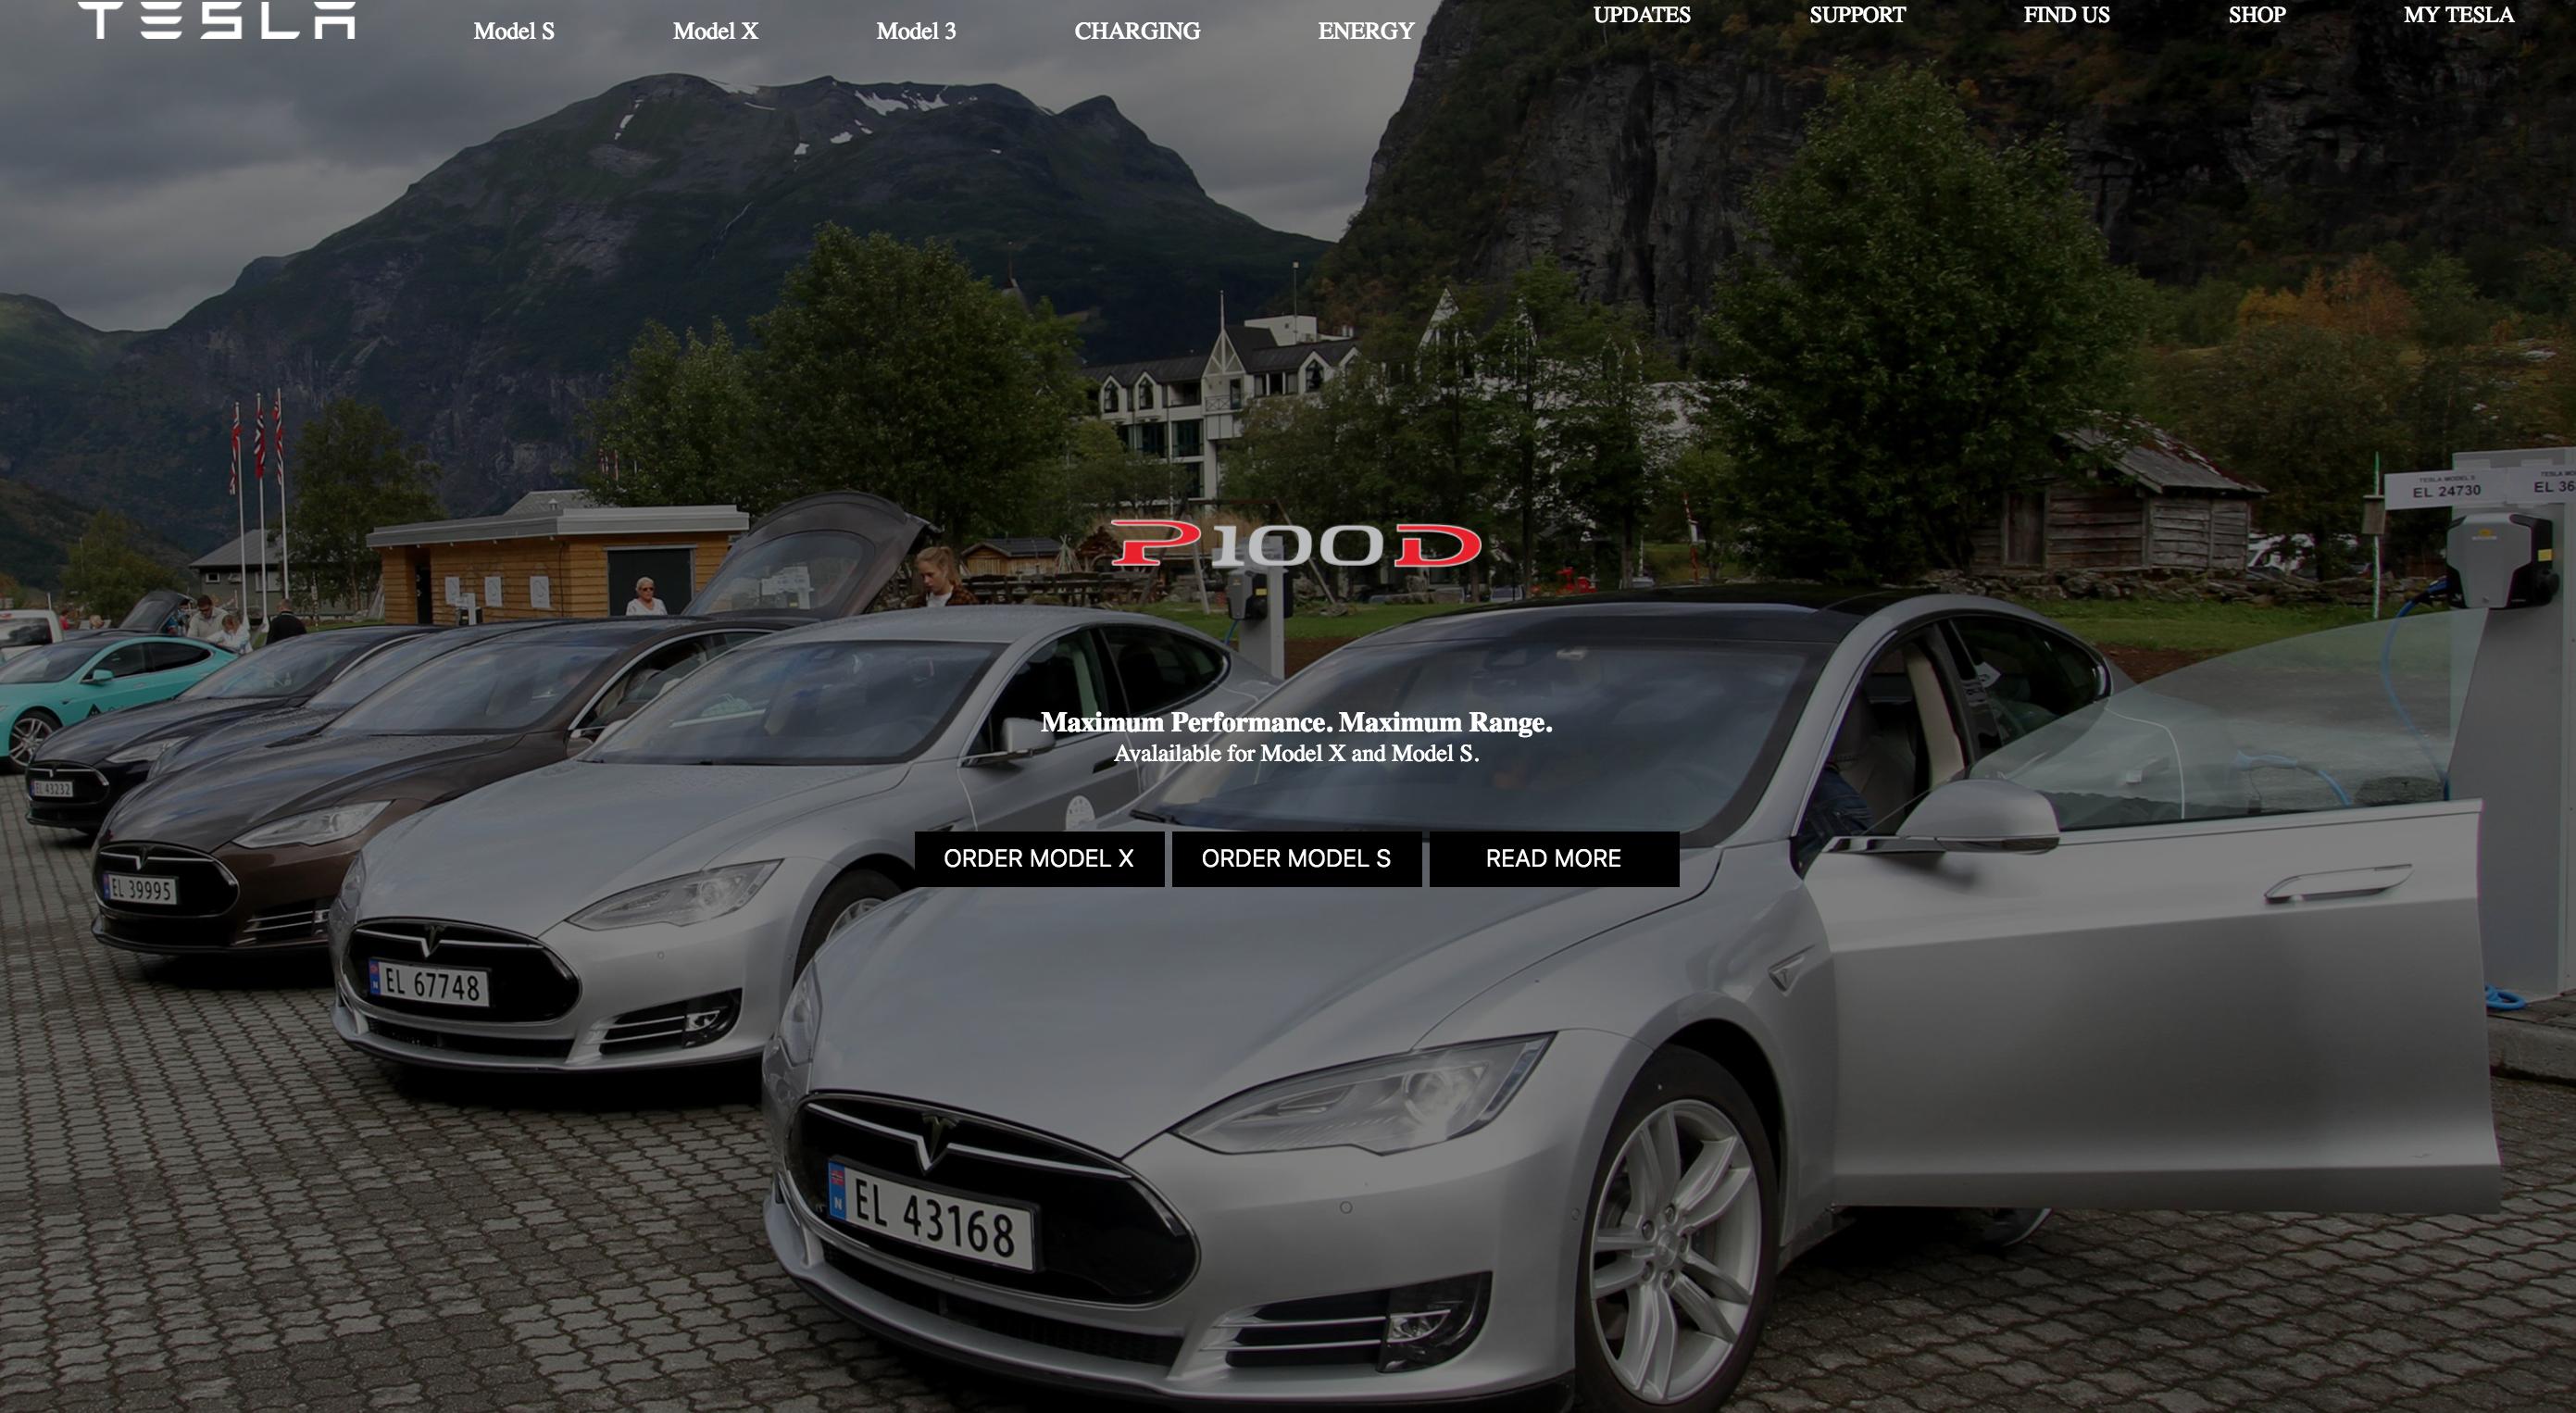 Tesla homepage mockup